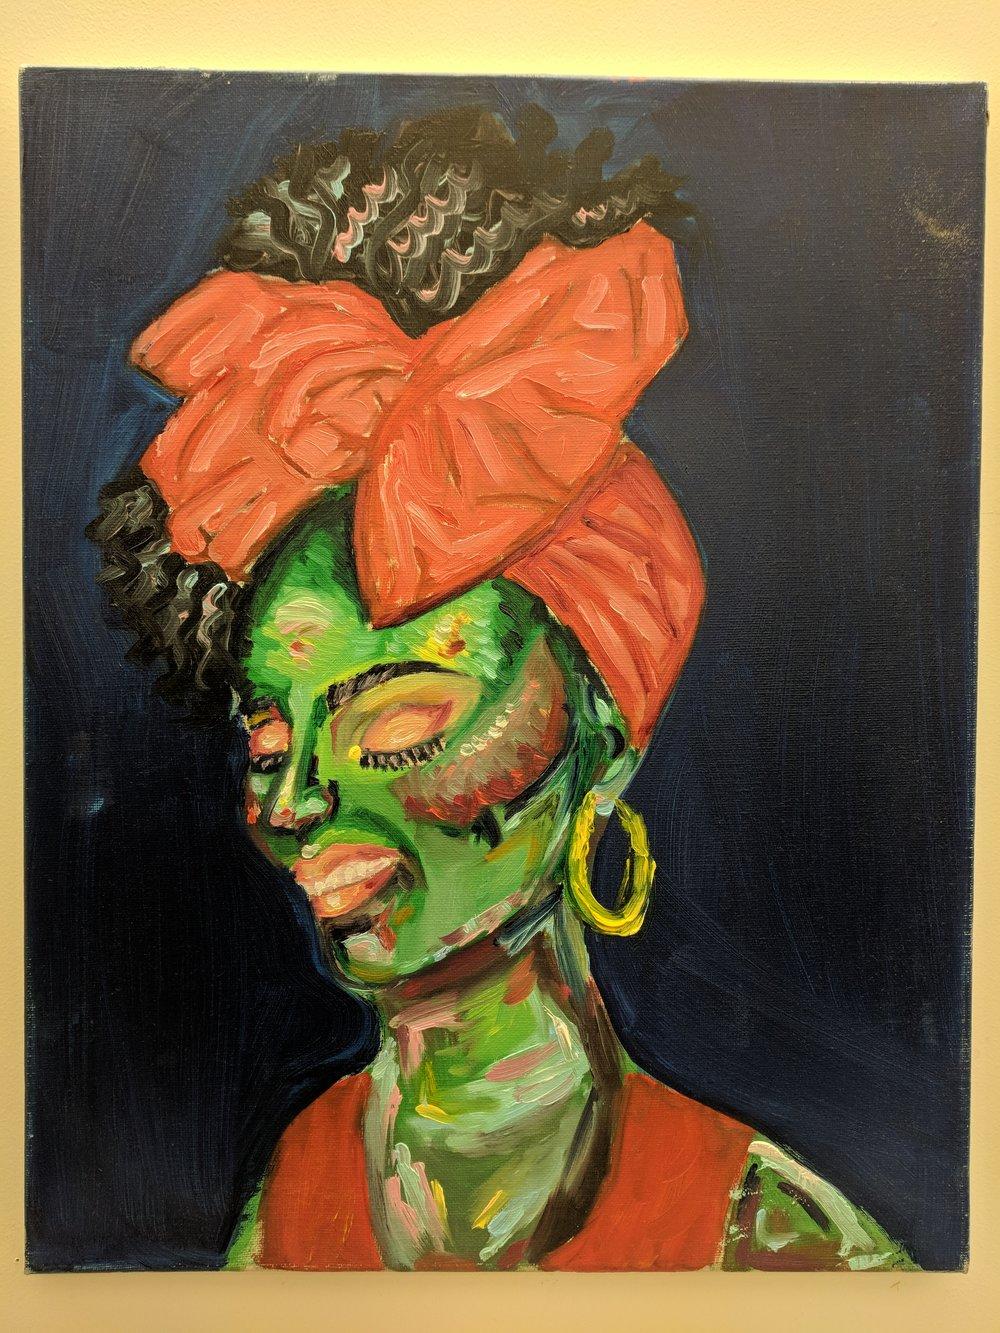 Jeni's Painting